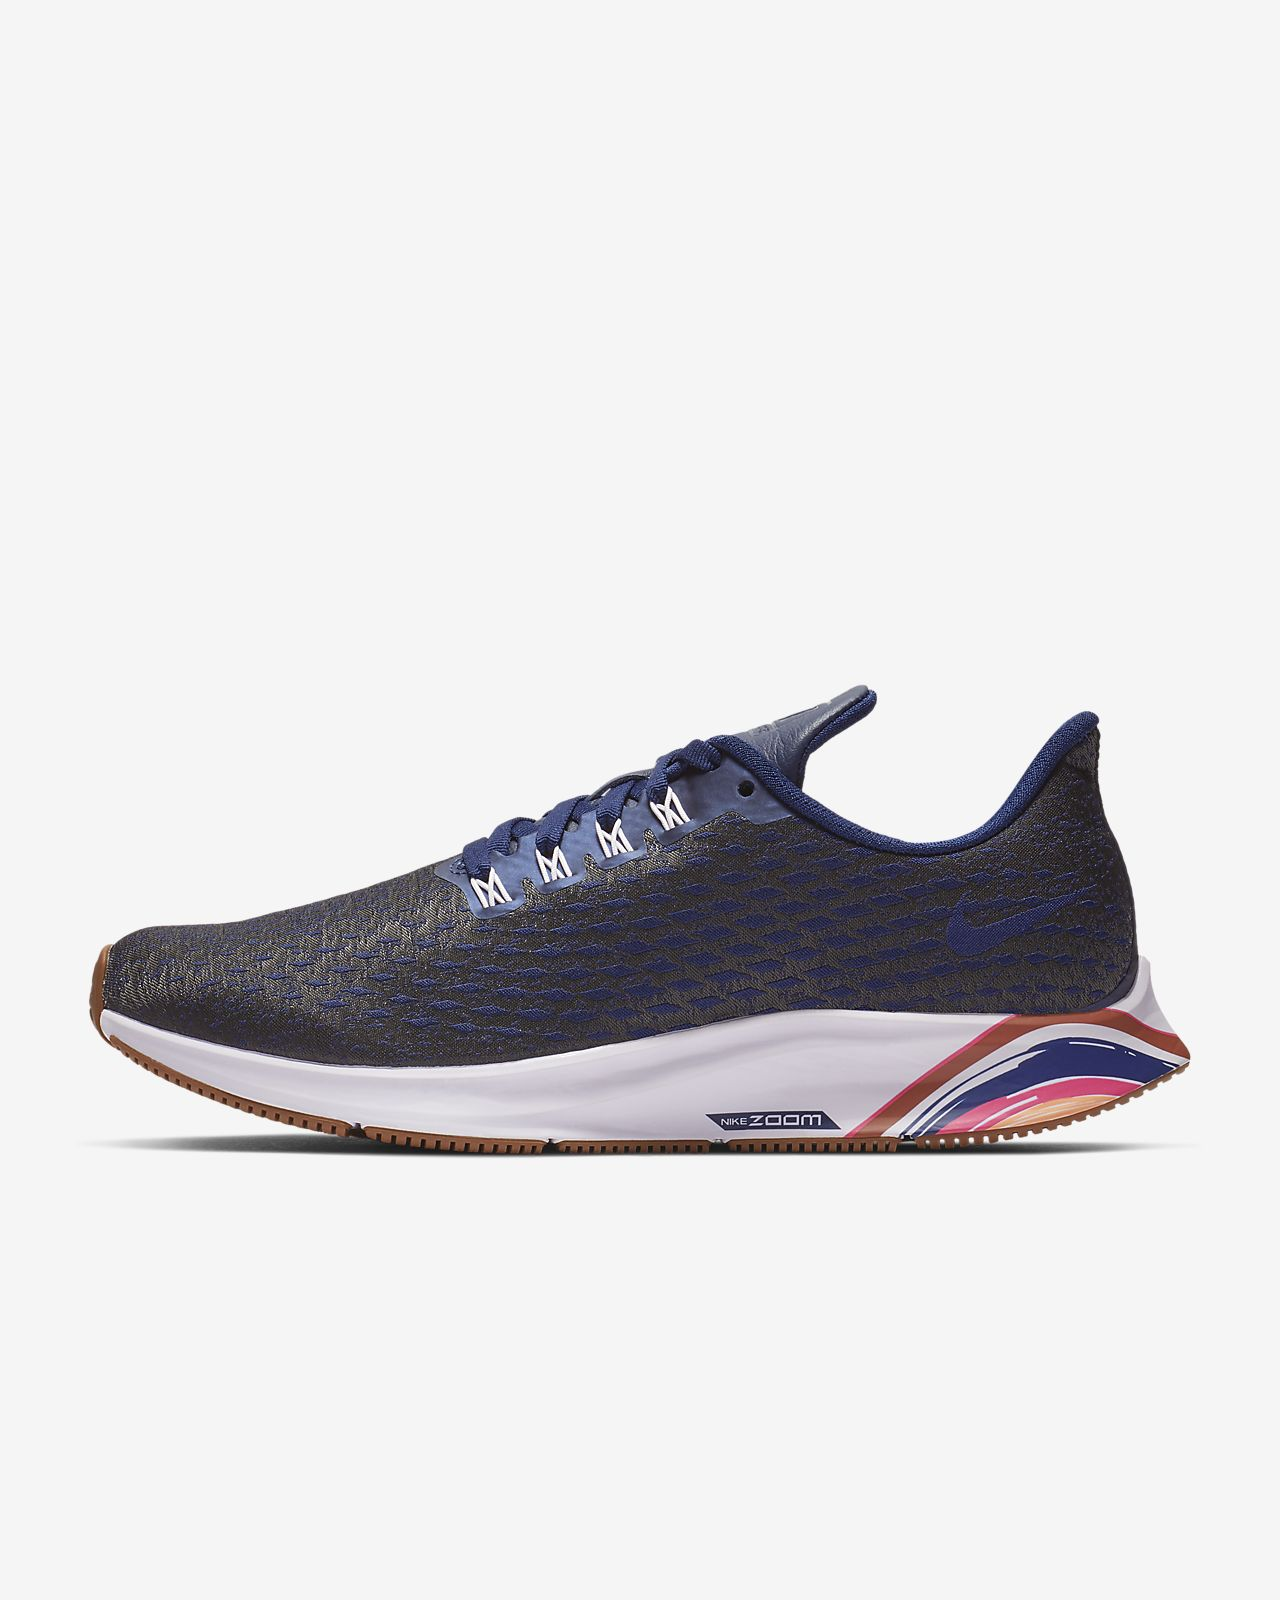 Calzado de running para mujer Nike Air Zoom Pegasus 35 Premium